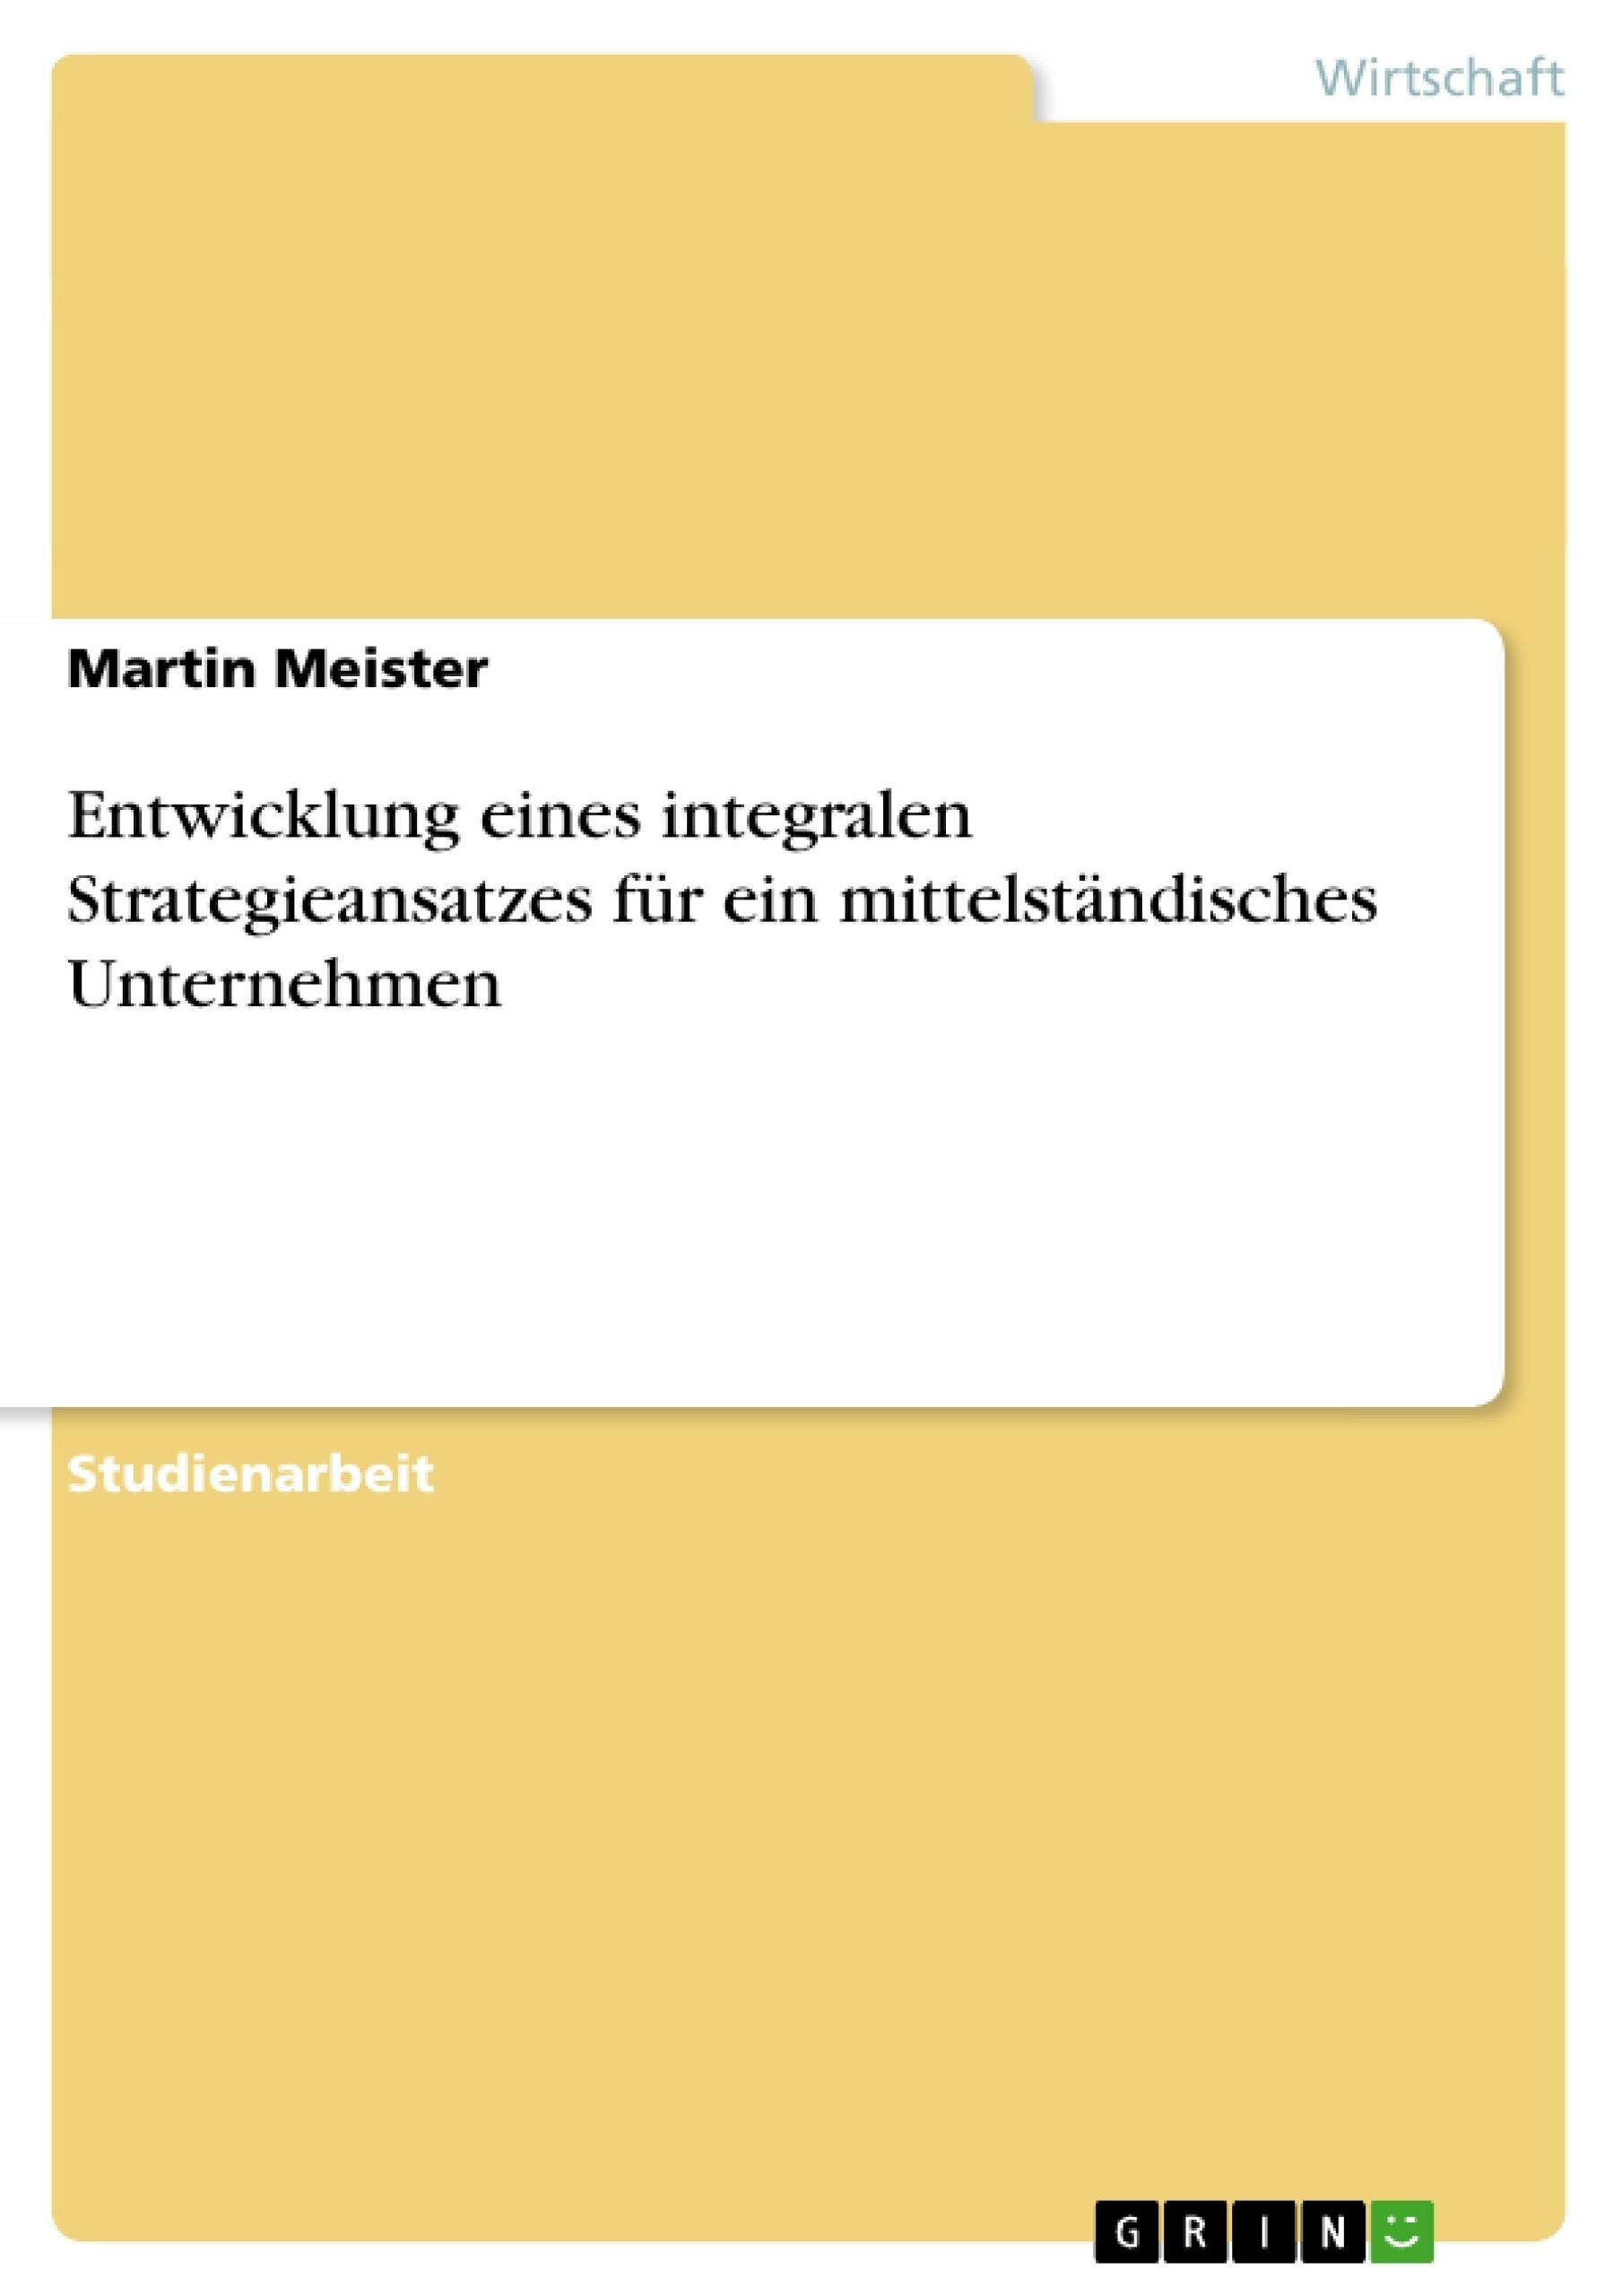 Titel: Entwicklung eines integralen Strategieansatzes für ein mittelständisches Unternehmen